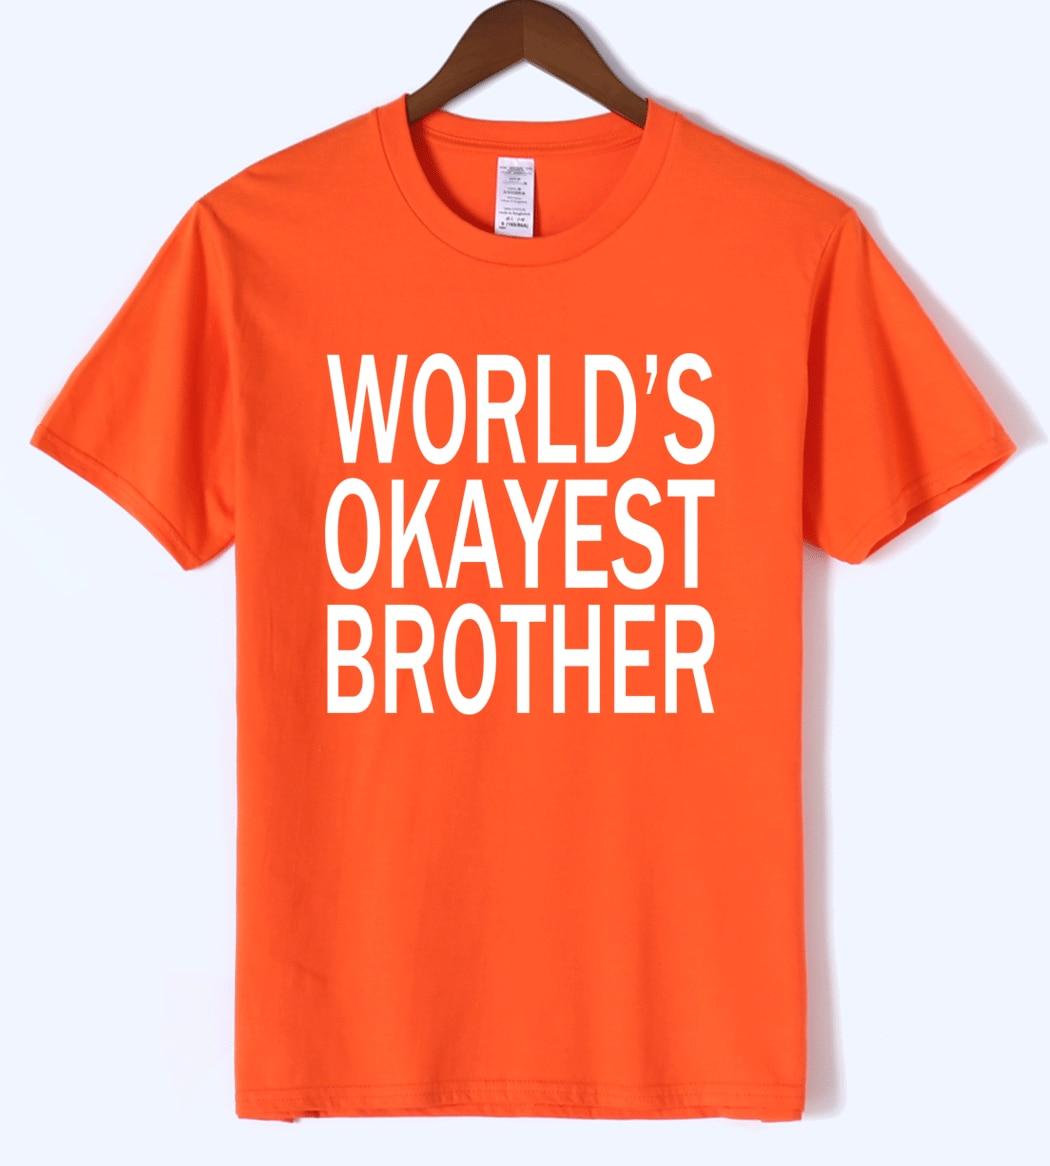 WORLD'S OKAYEST BROTHER 2019 summer hot sale T-shirts Crossfit T-Shirt men kpop men's T-shirt tops streetwear hip hop t shirt